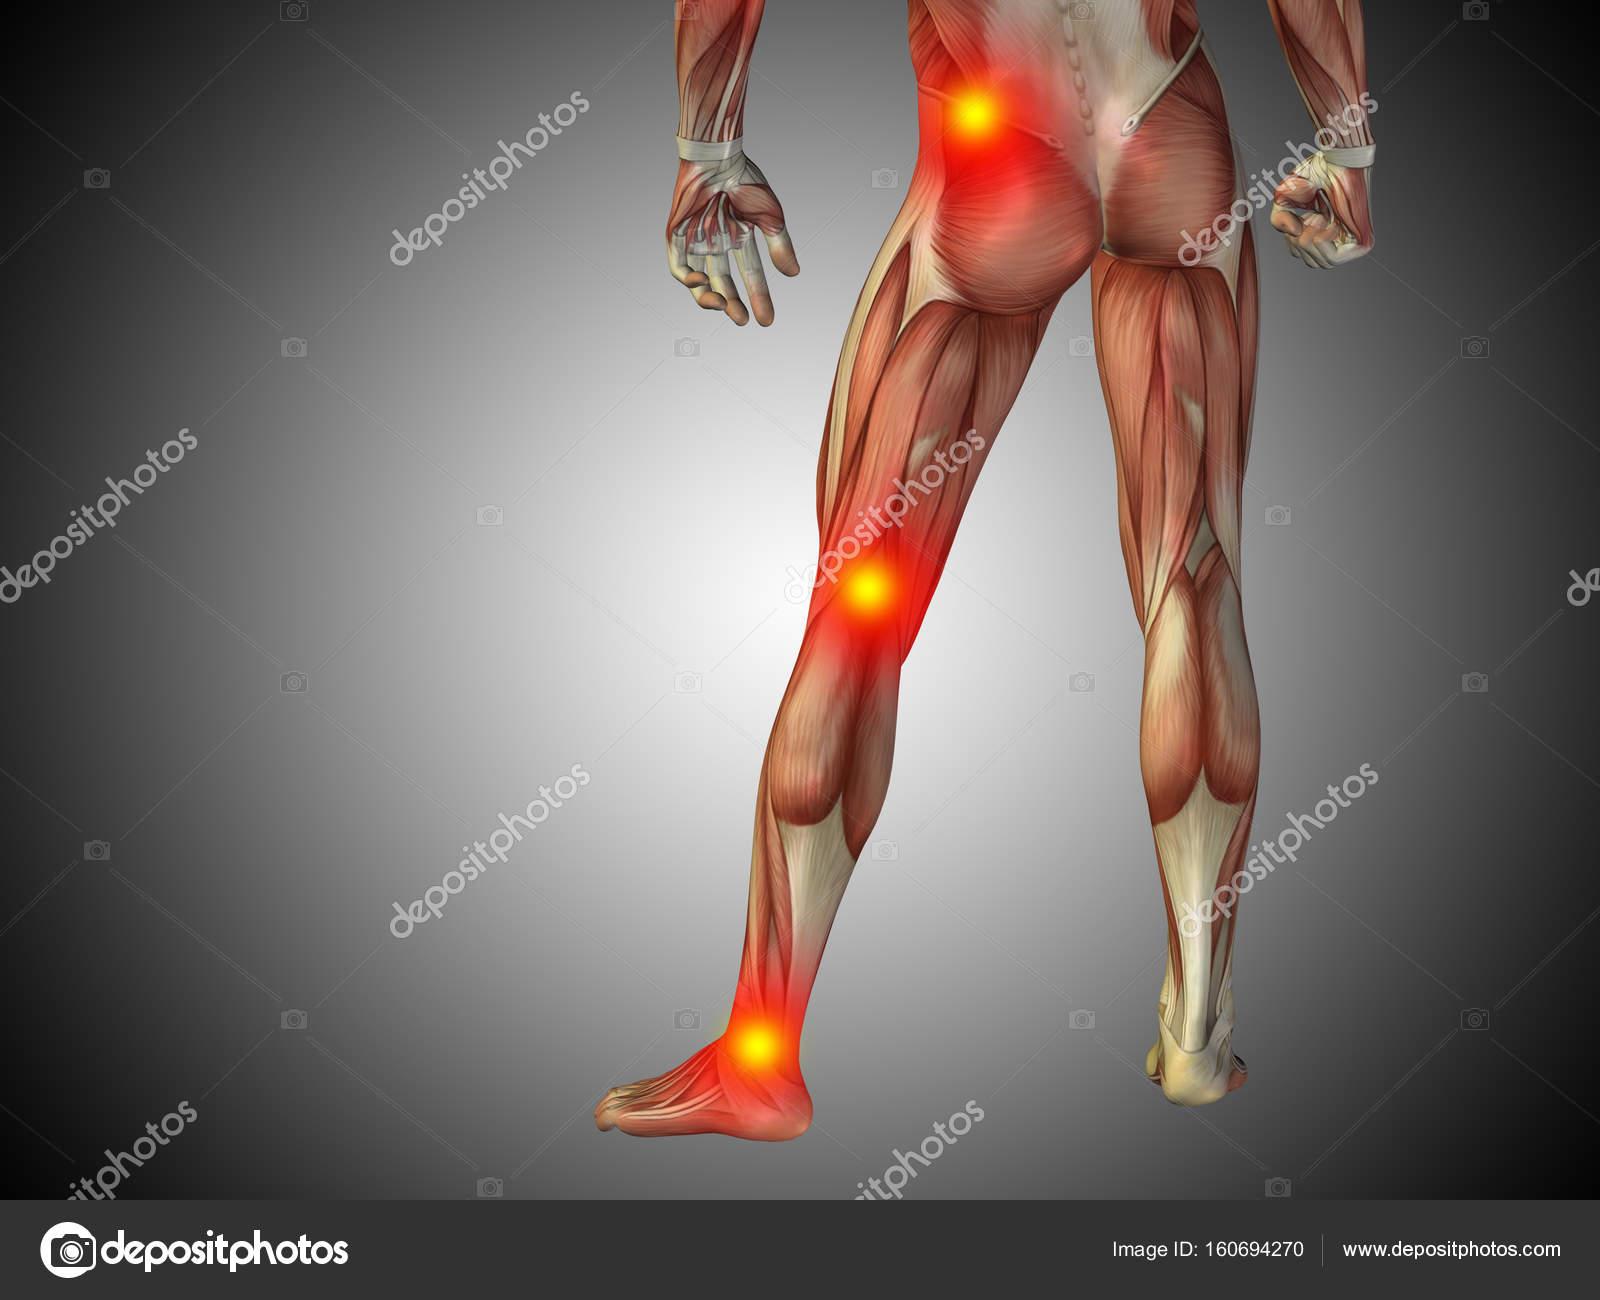 menschliche Anatomie Unterkörper — Stockfoto © design36 #160694270